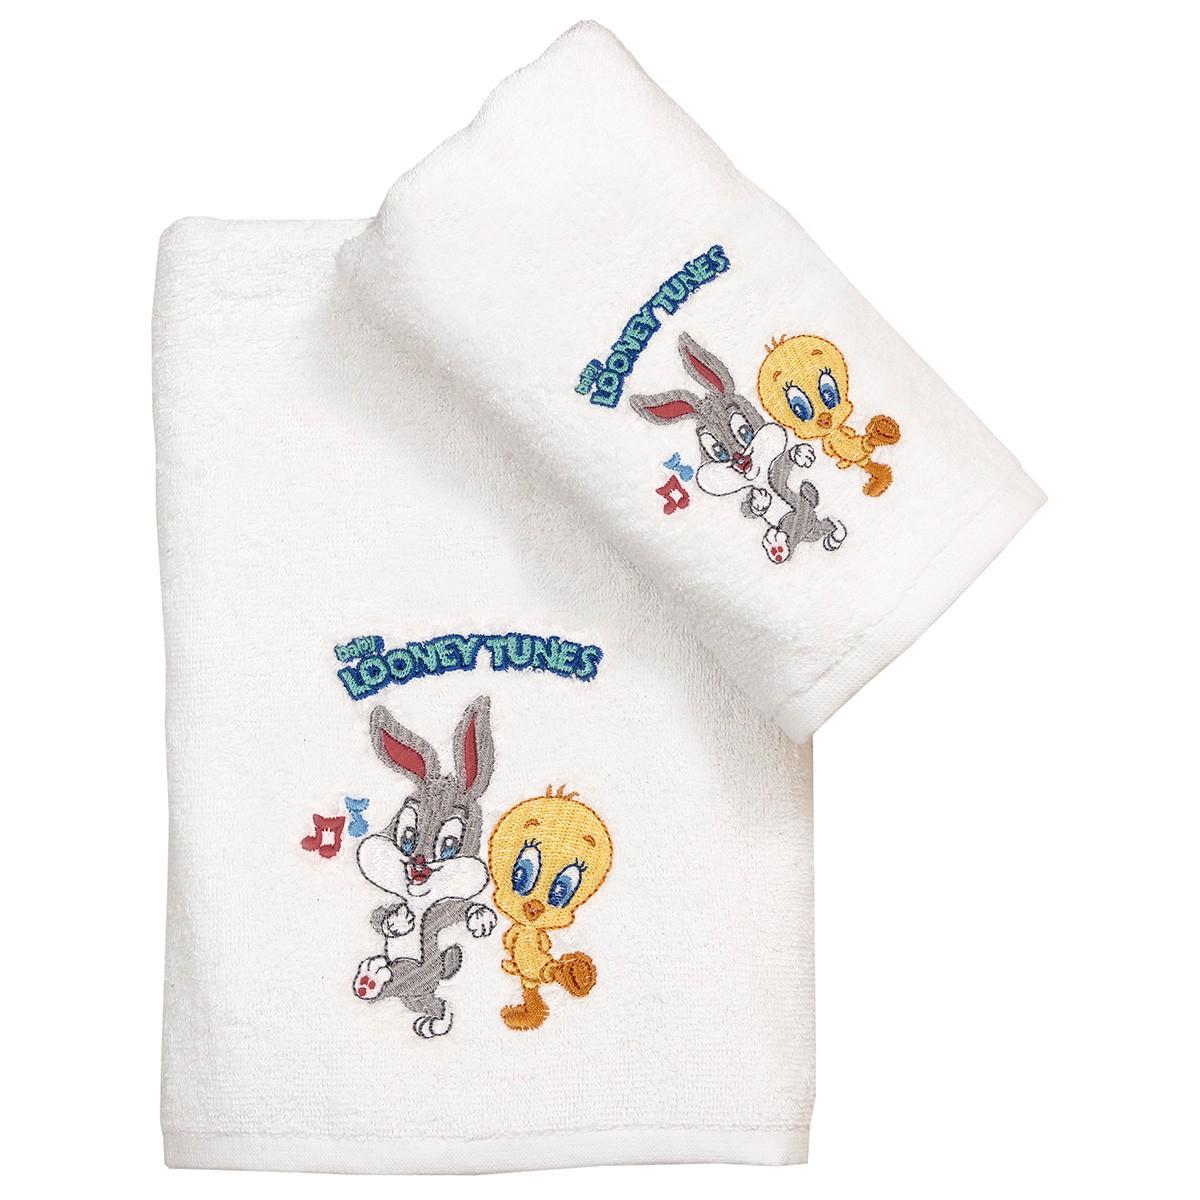 Παιδικές Πετσέτες (Σετ 2τμχ) Viopros Looney Tunes 21 home   παιδικά   πετσέτες παιδικές